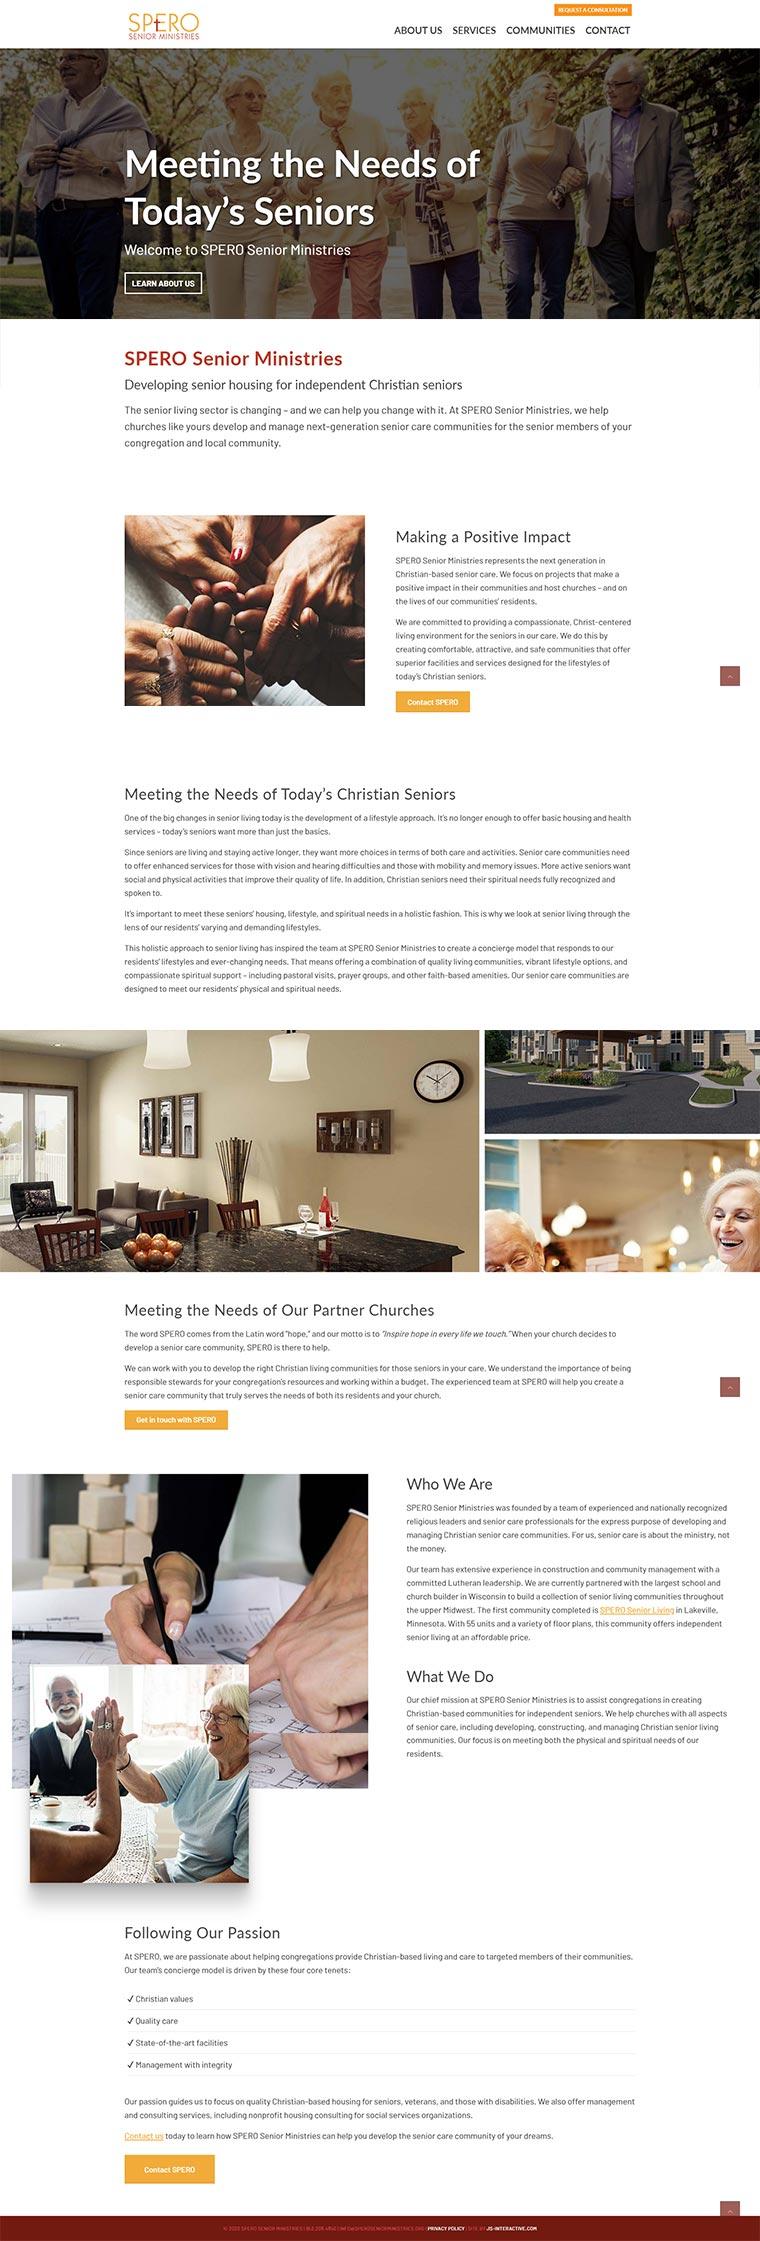 spero website design desktop